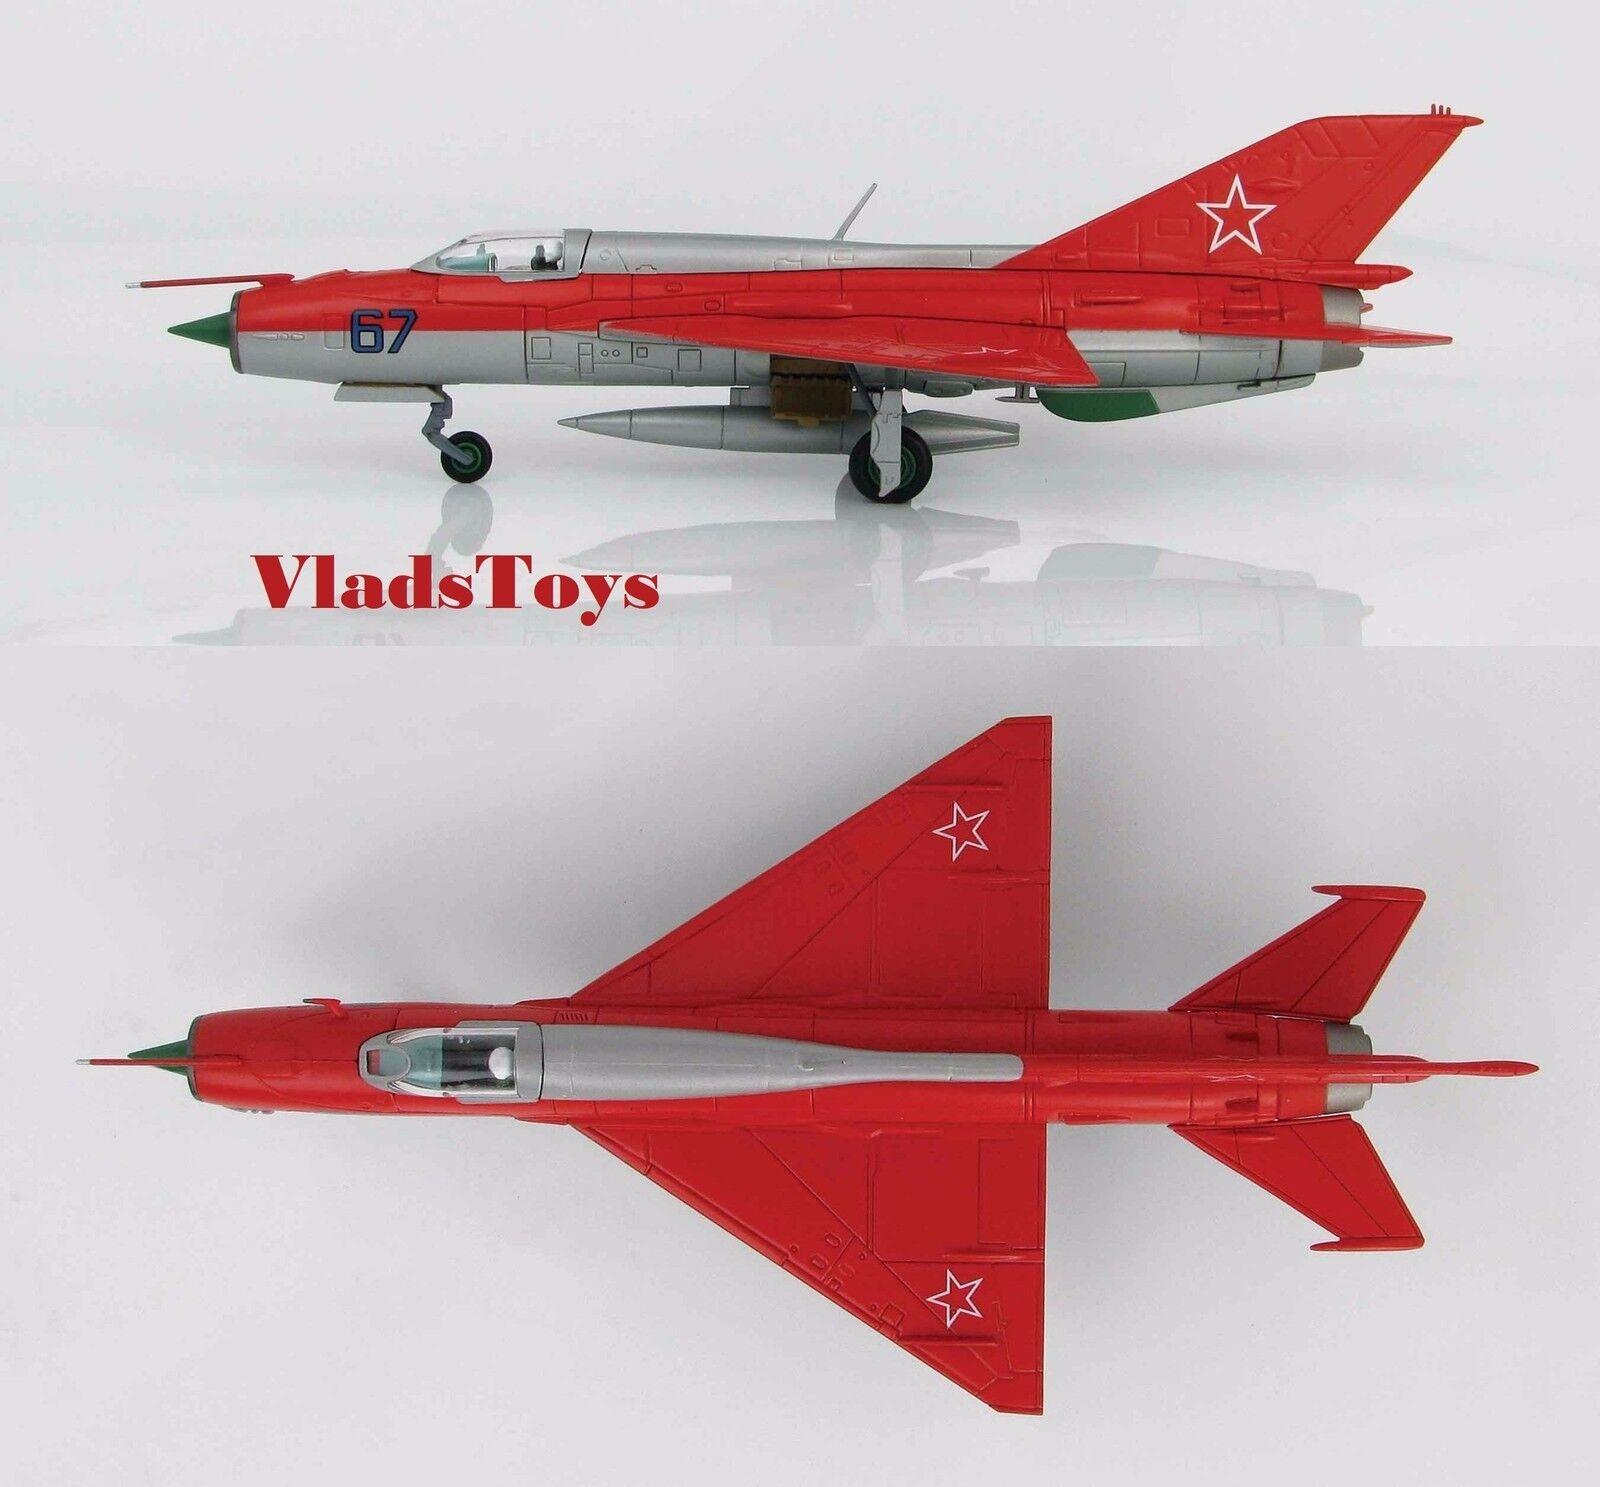 Hobby - meister 1 72 mig-21pfm kunstflug - team sowjetischen af kubinka ha0189 ab.